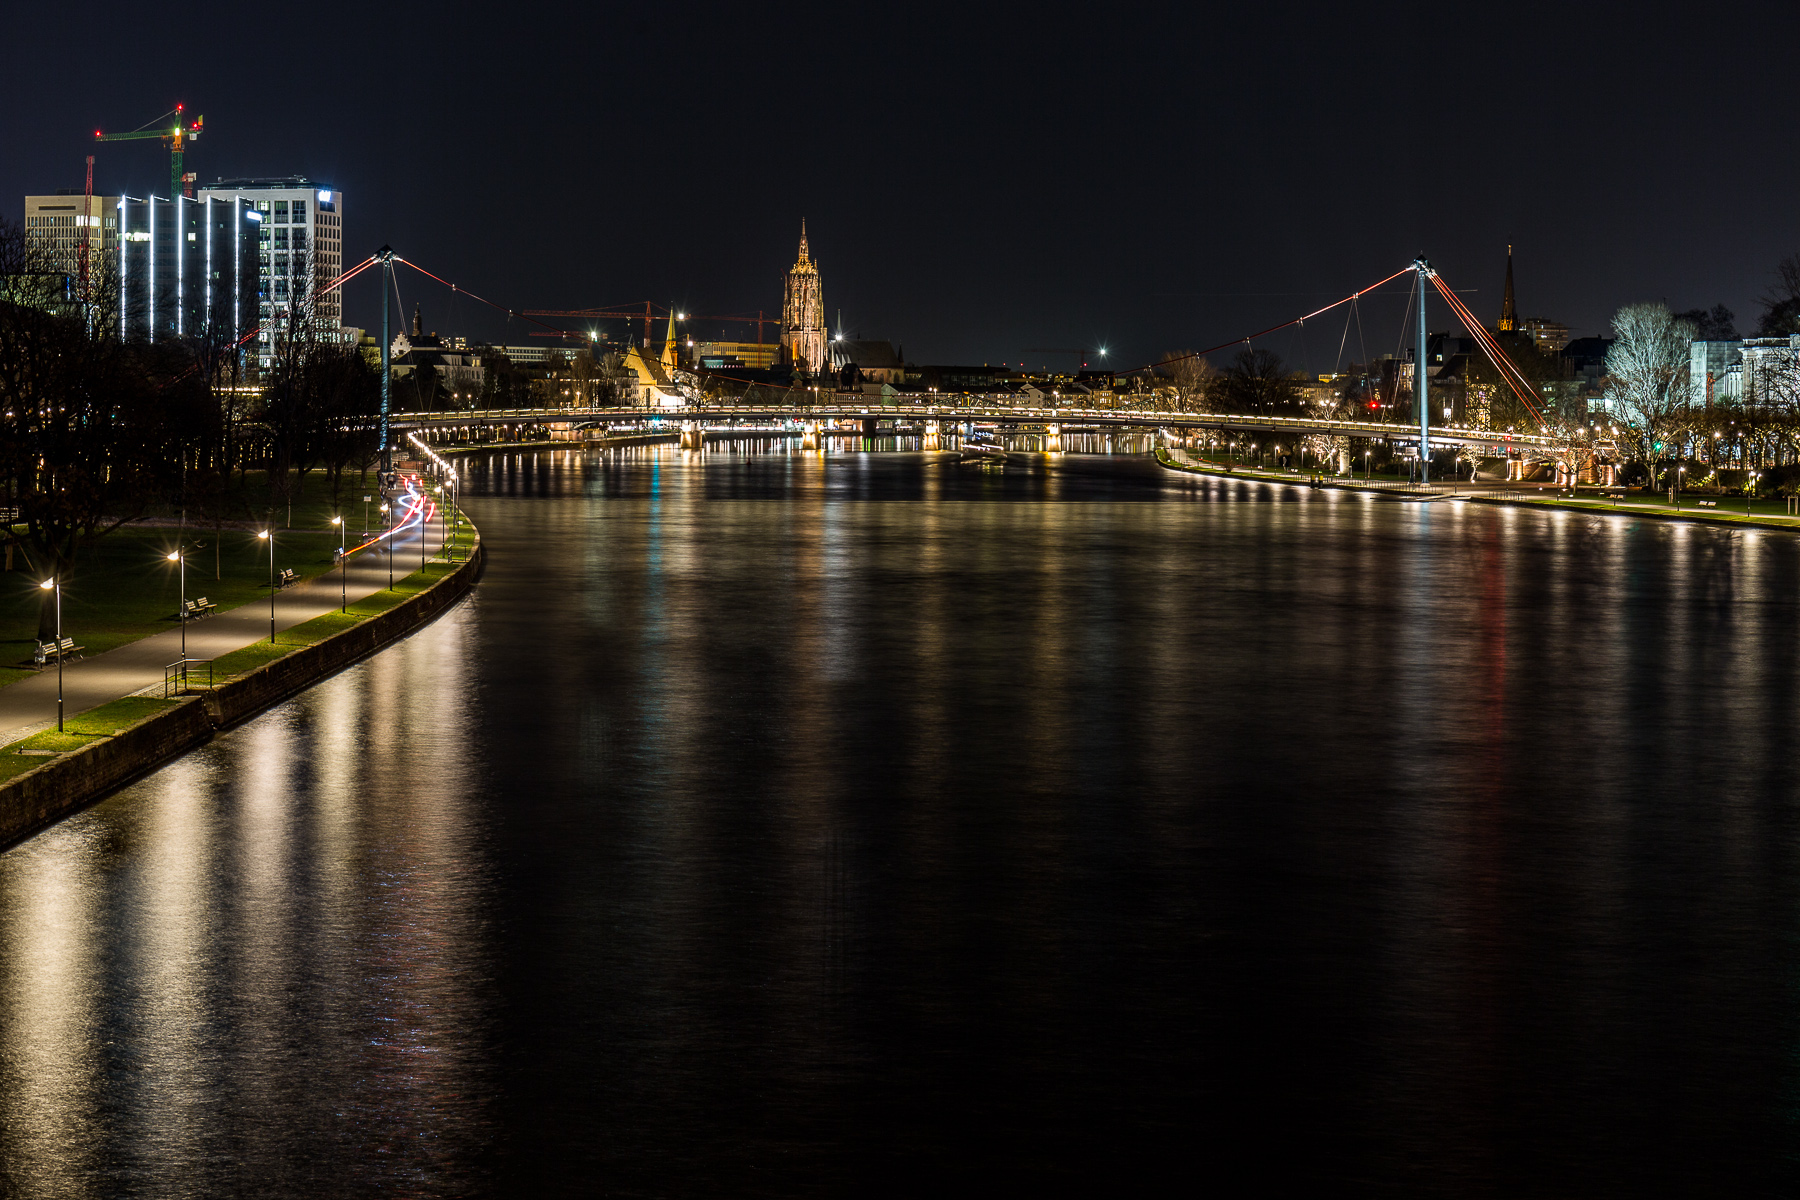 Bild: Frankfurt Skyline